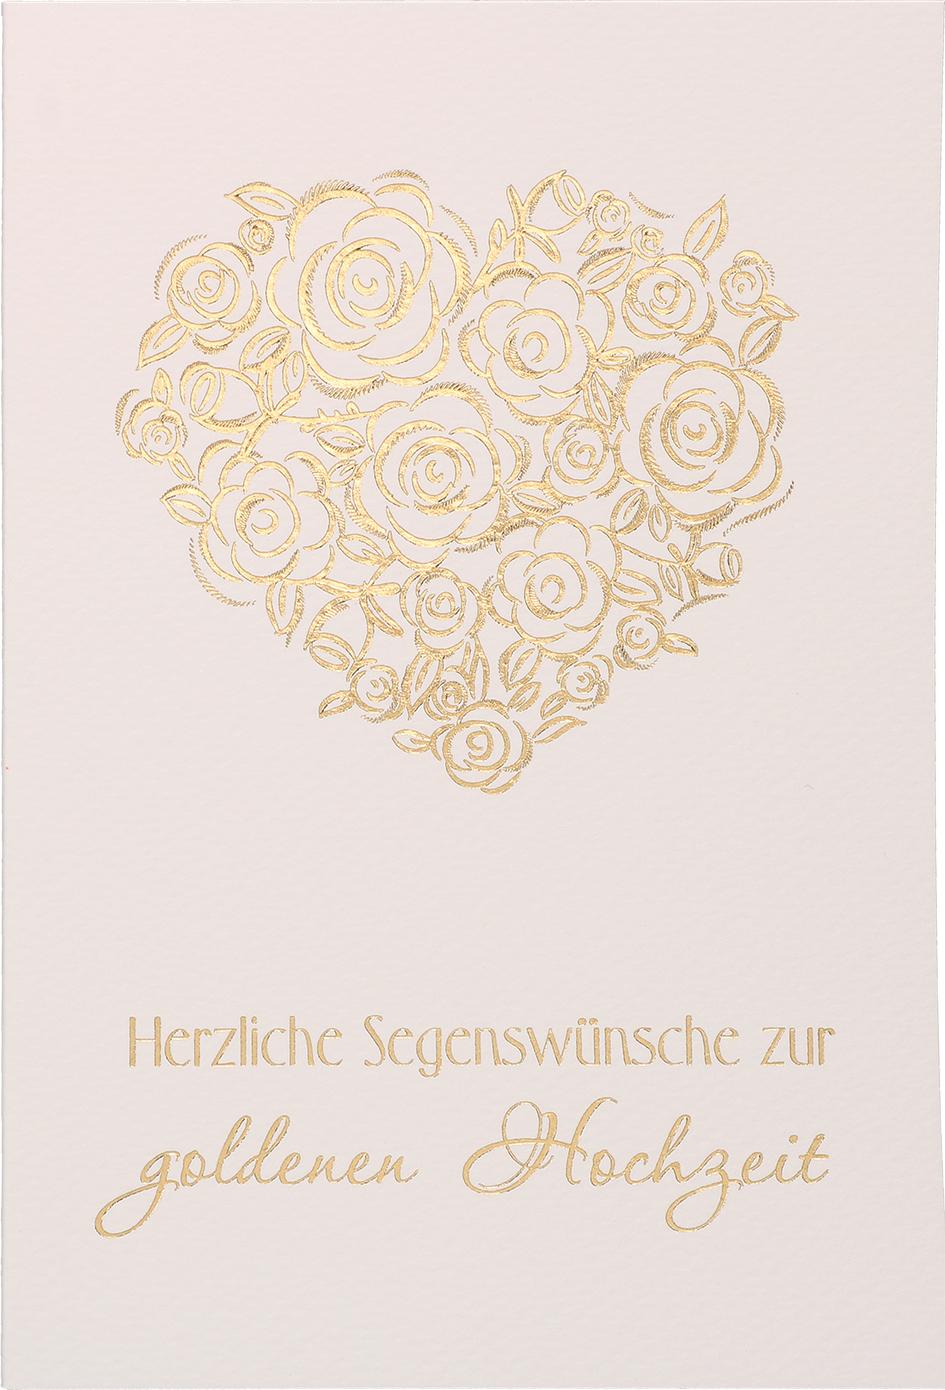 Glückwunschkarte Herzliche Segenswünsche Zur Goldenen Hochzeit